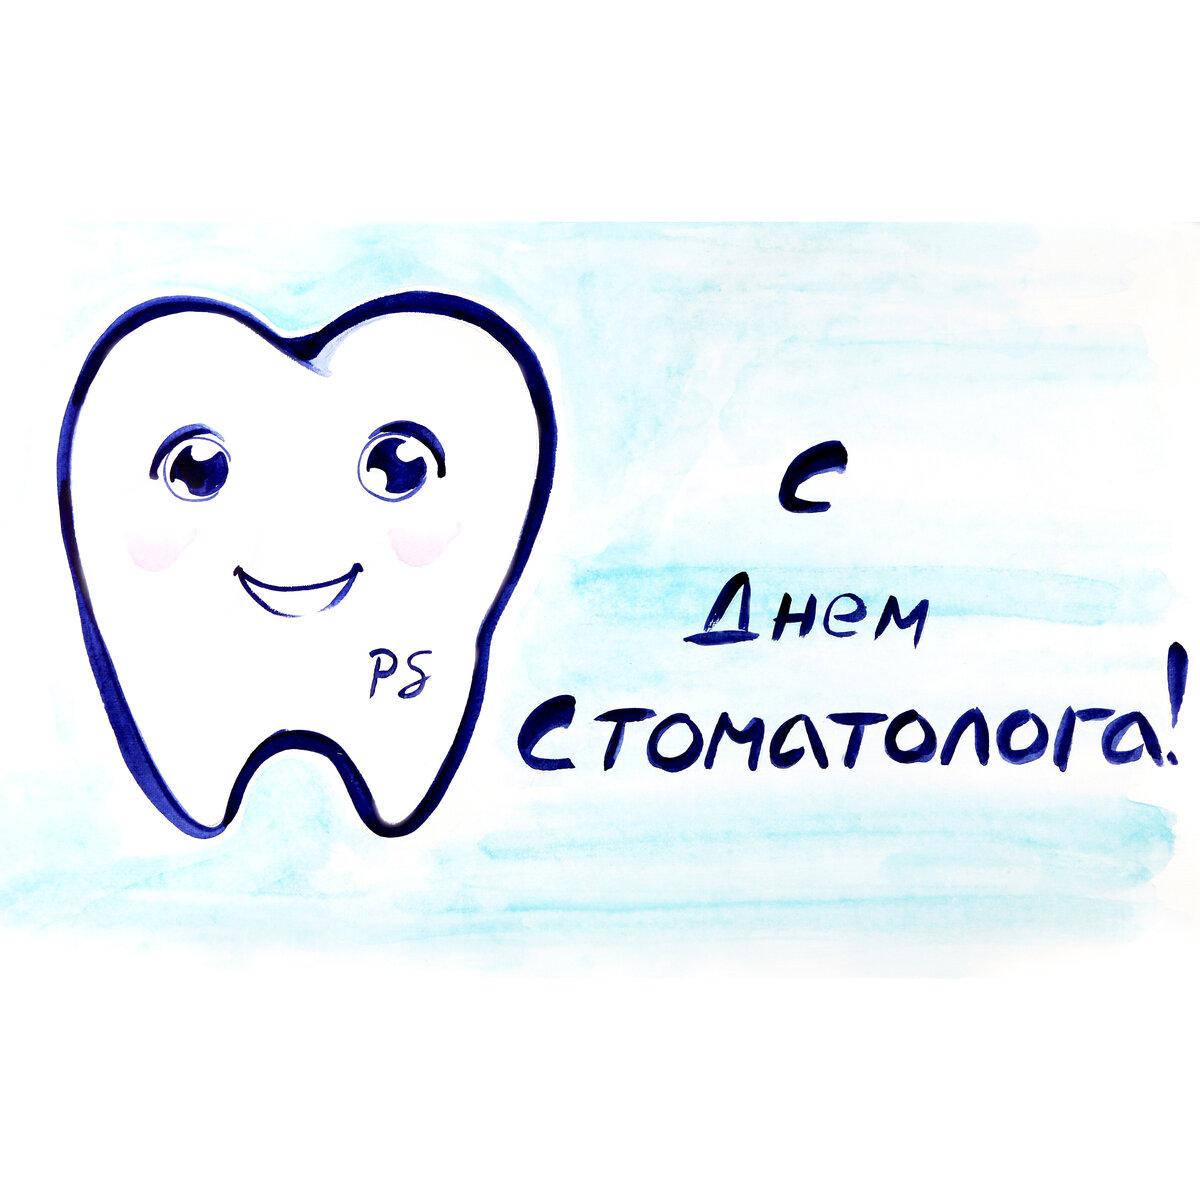 открытка стоматологу с днем стоматолога свои фото лазурного